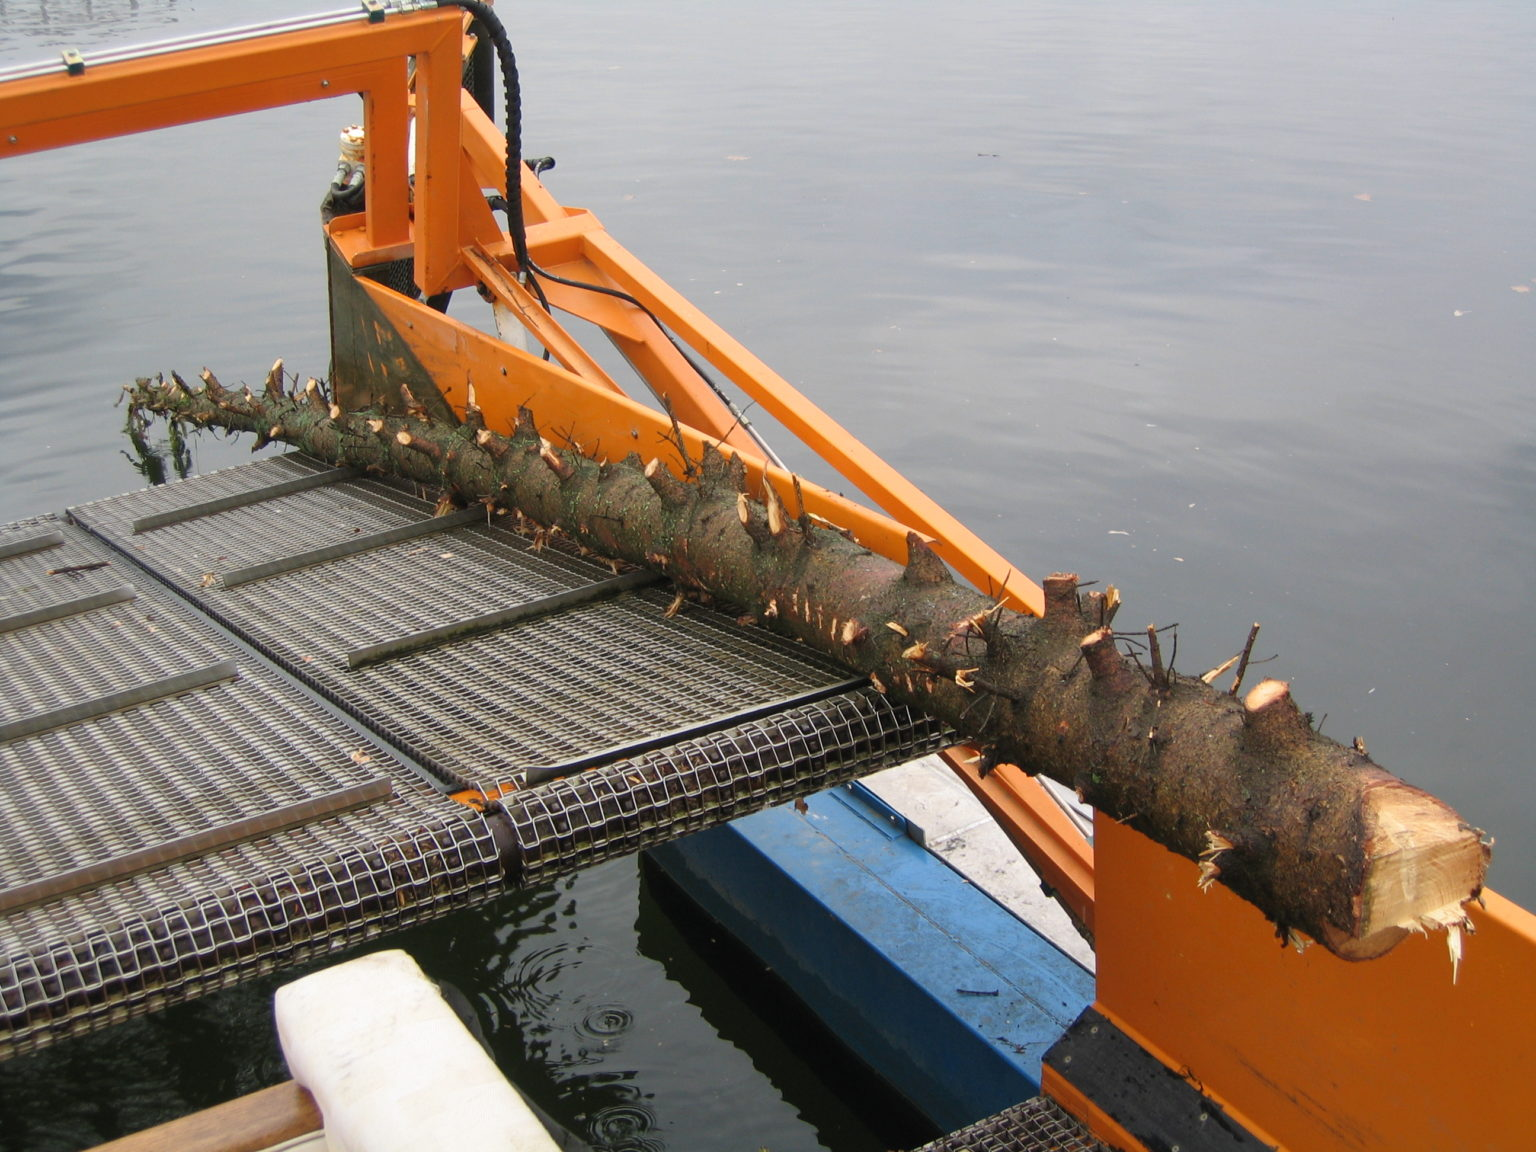 MC 202 picking up floating debris